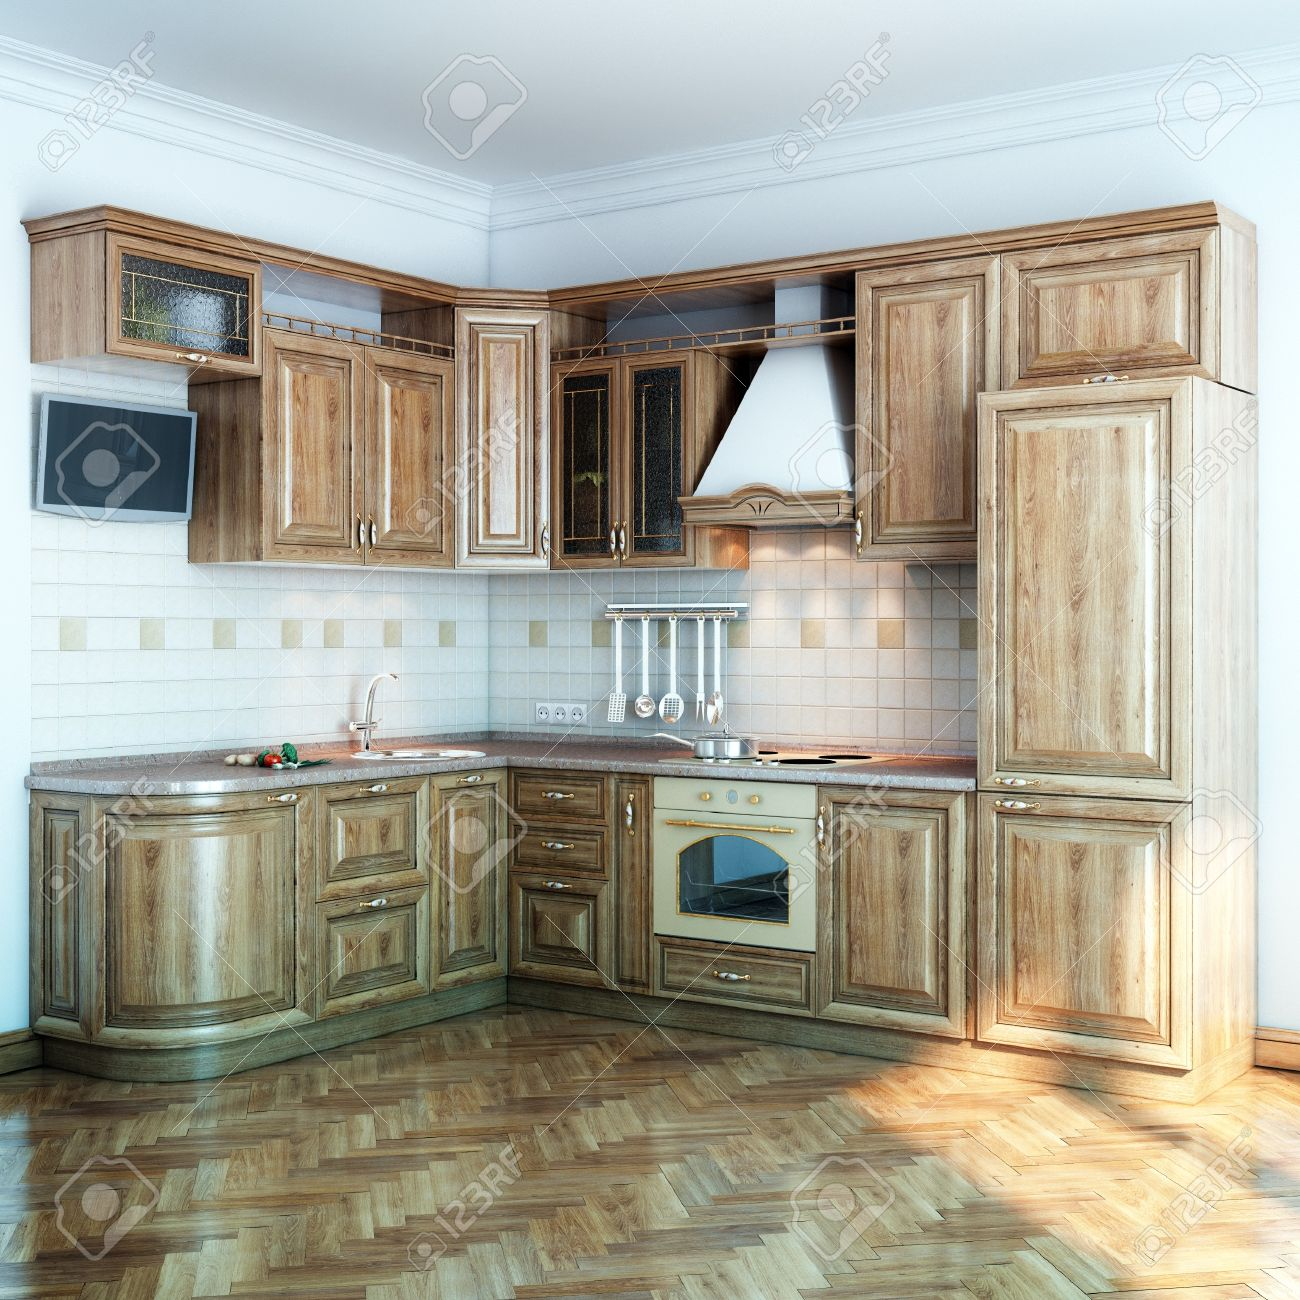 Cuisine en bois dans la salle blanche nouvelle avec parquet au sol ...